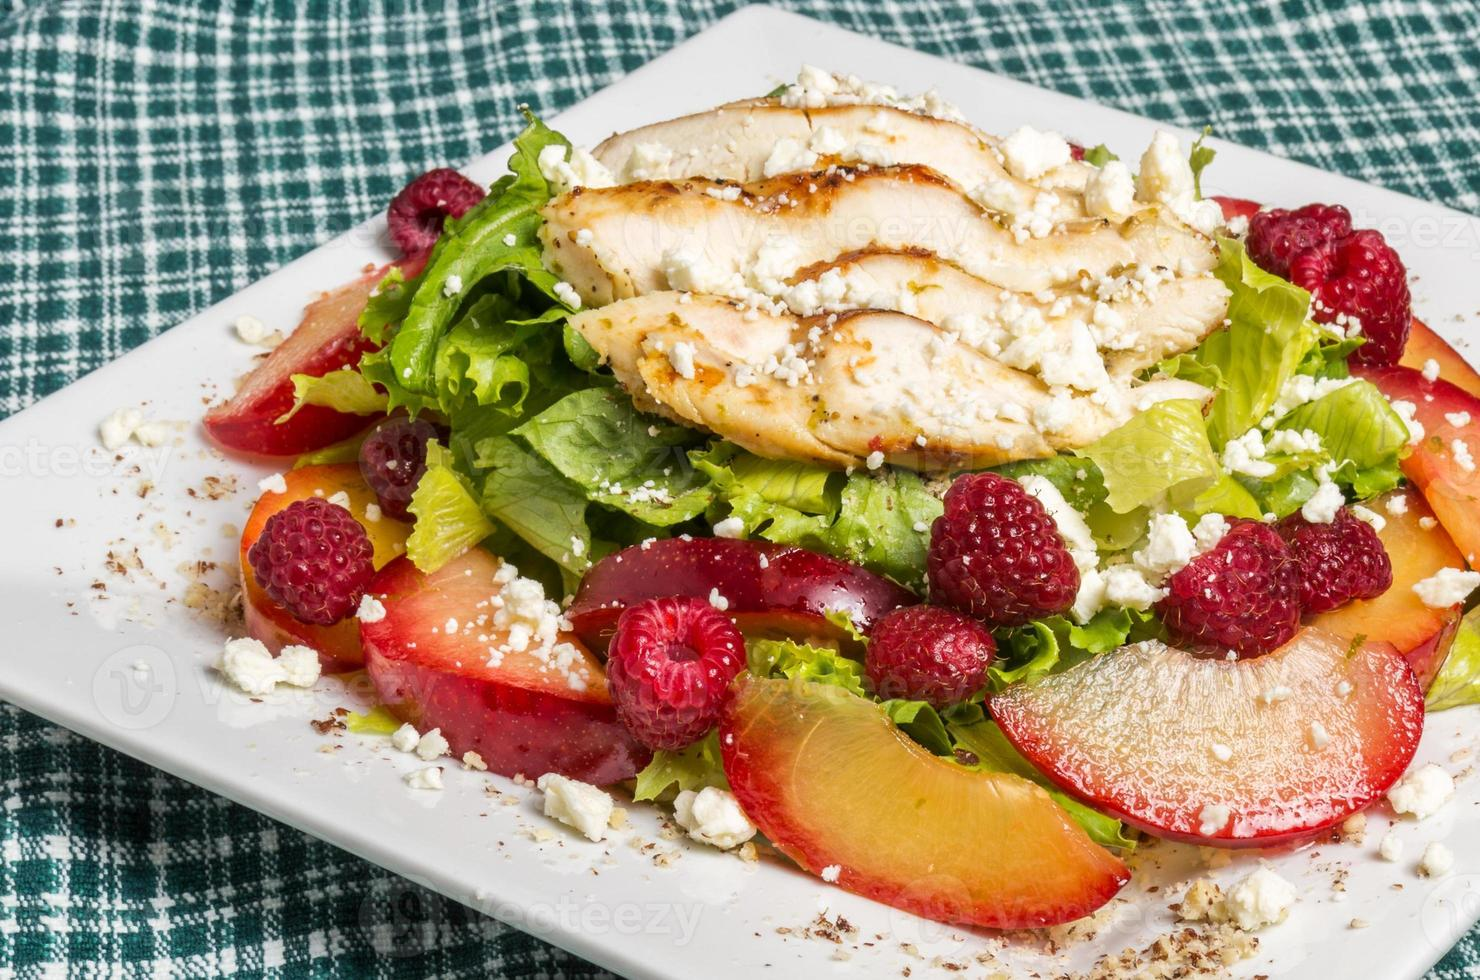 insalata di pollo con prugne e lamponi foto